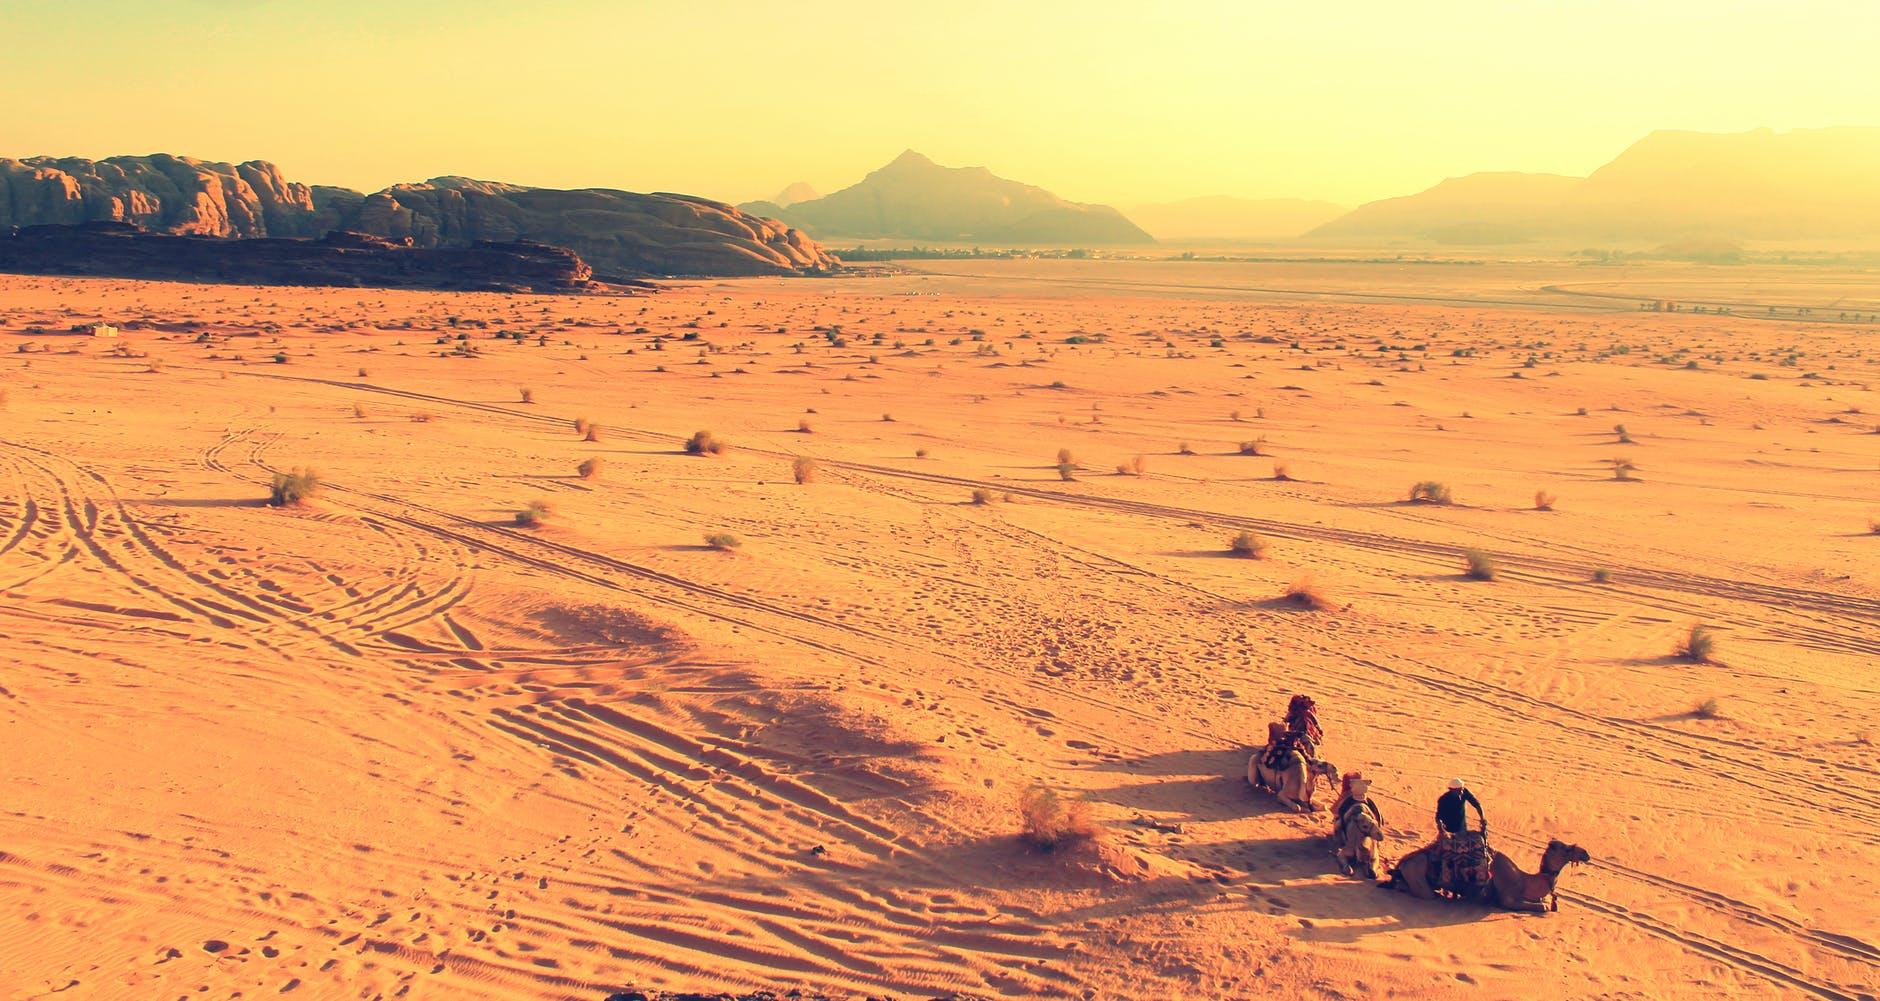 sand desert yellow orange